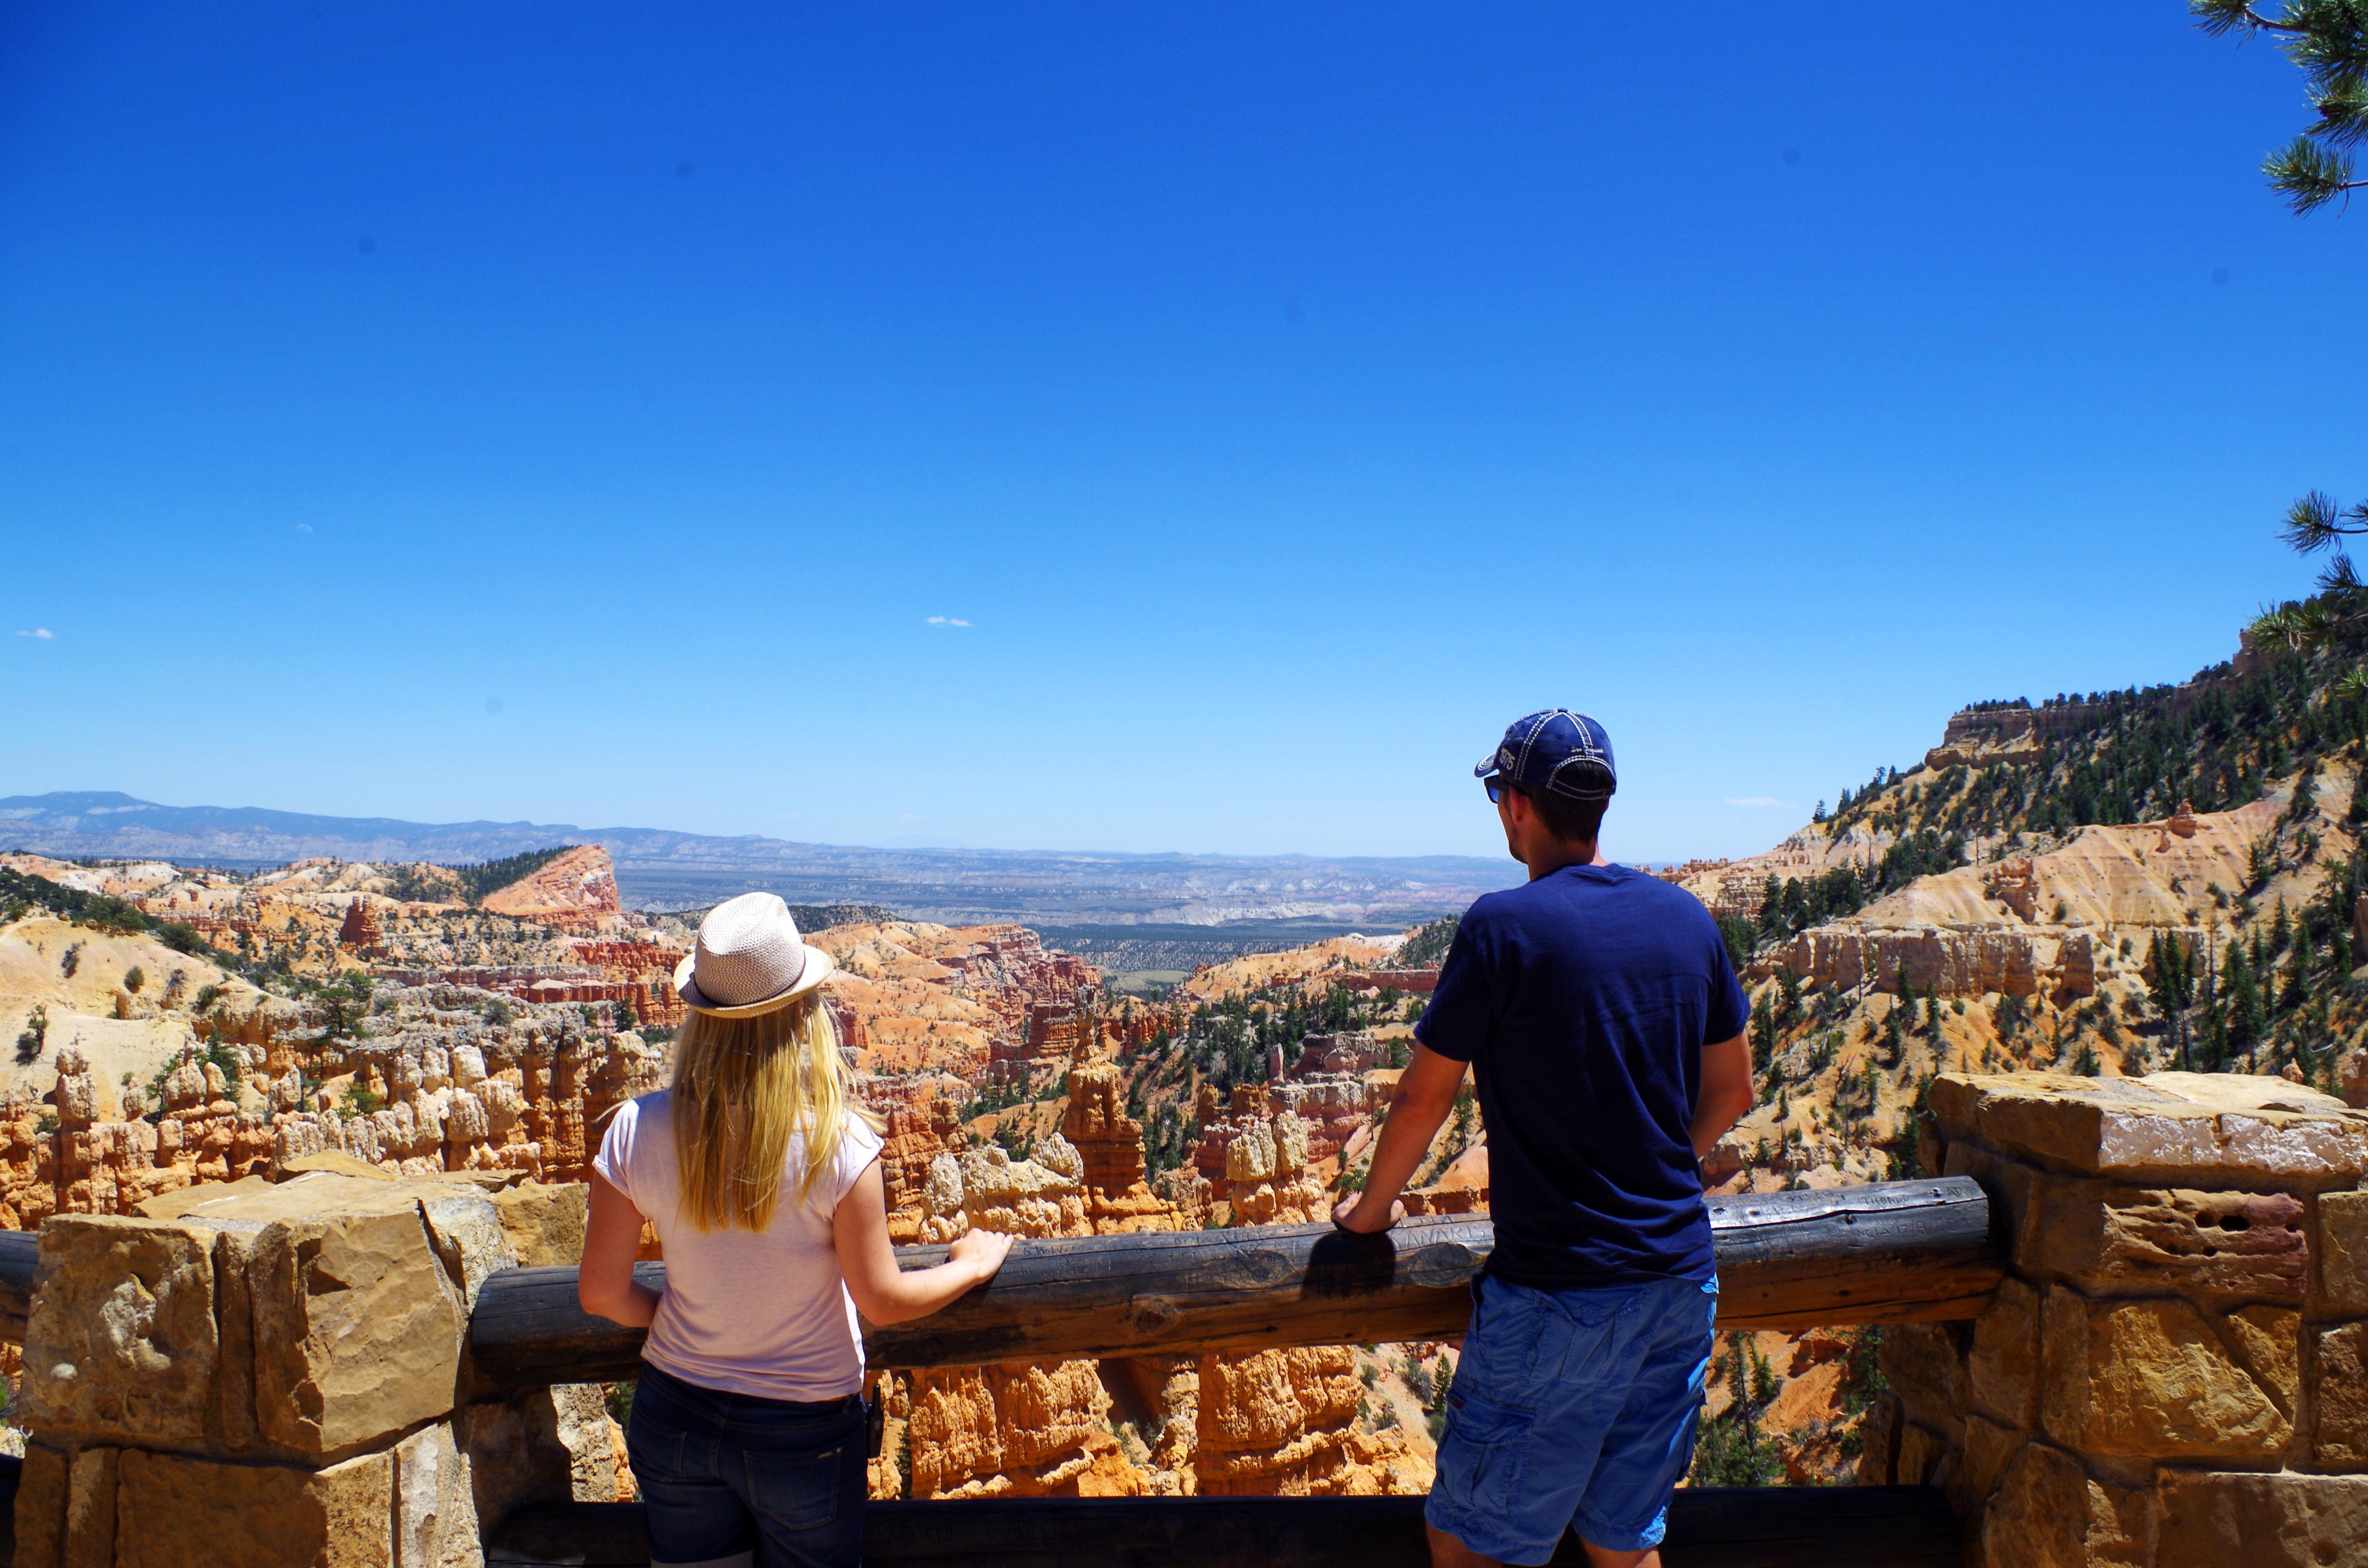 Der Blick vom Bryce Canyon Rim hat uns direkt in seinen Bann gezogen